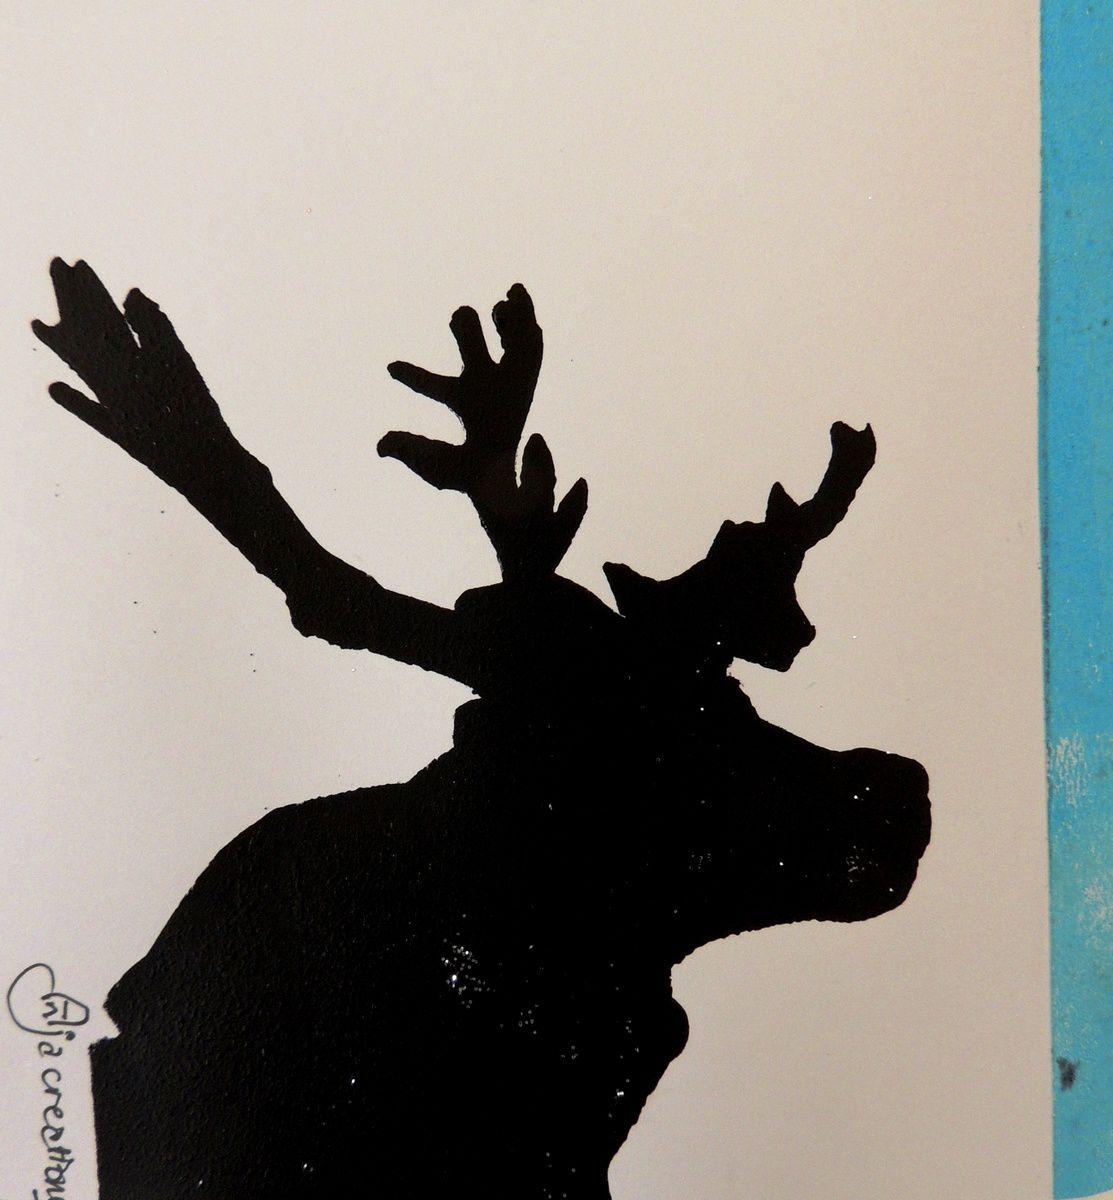 après Noël - past Christmas